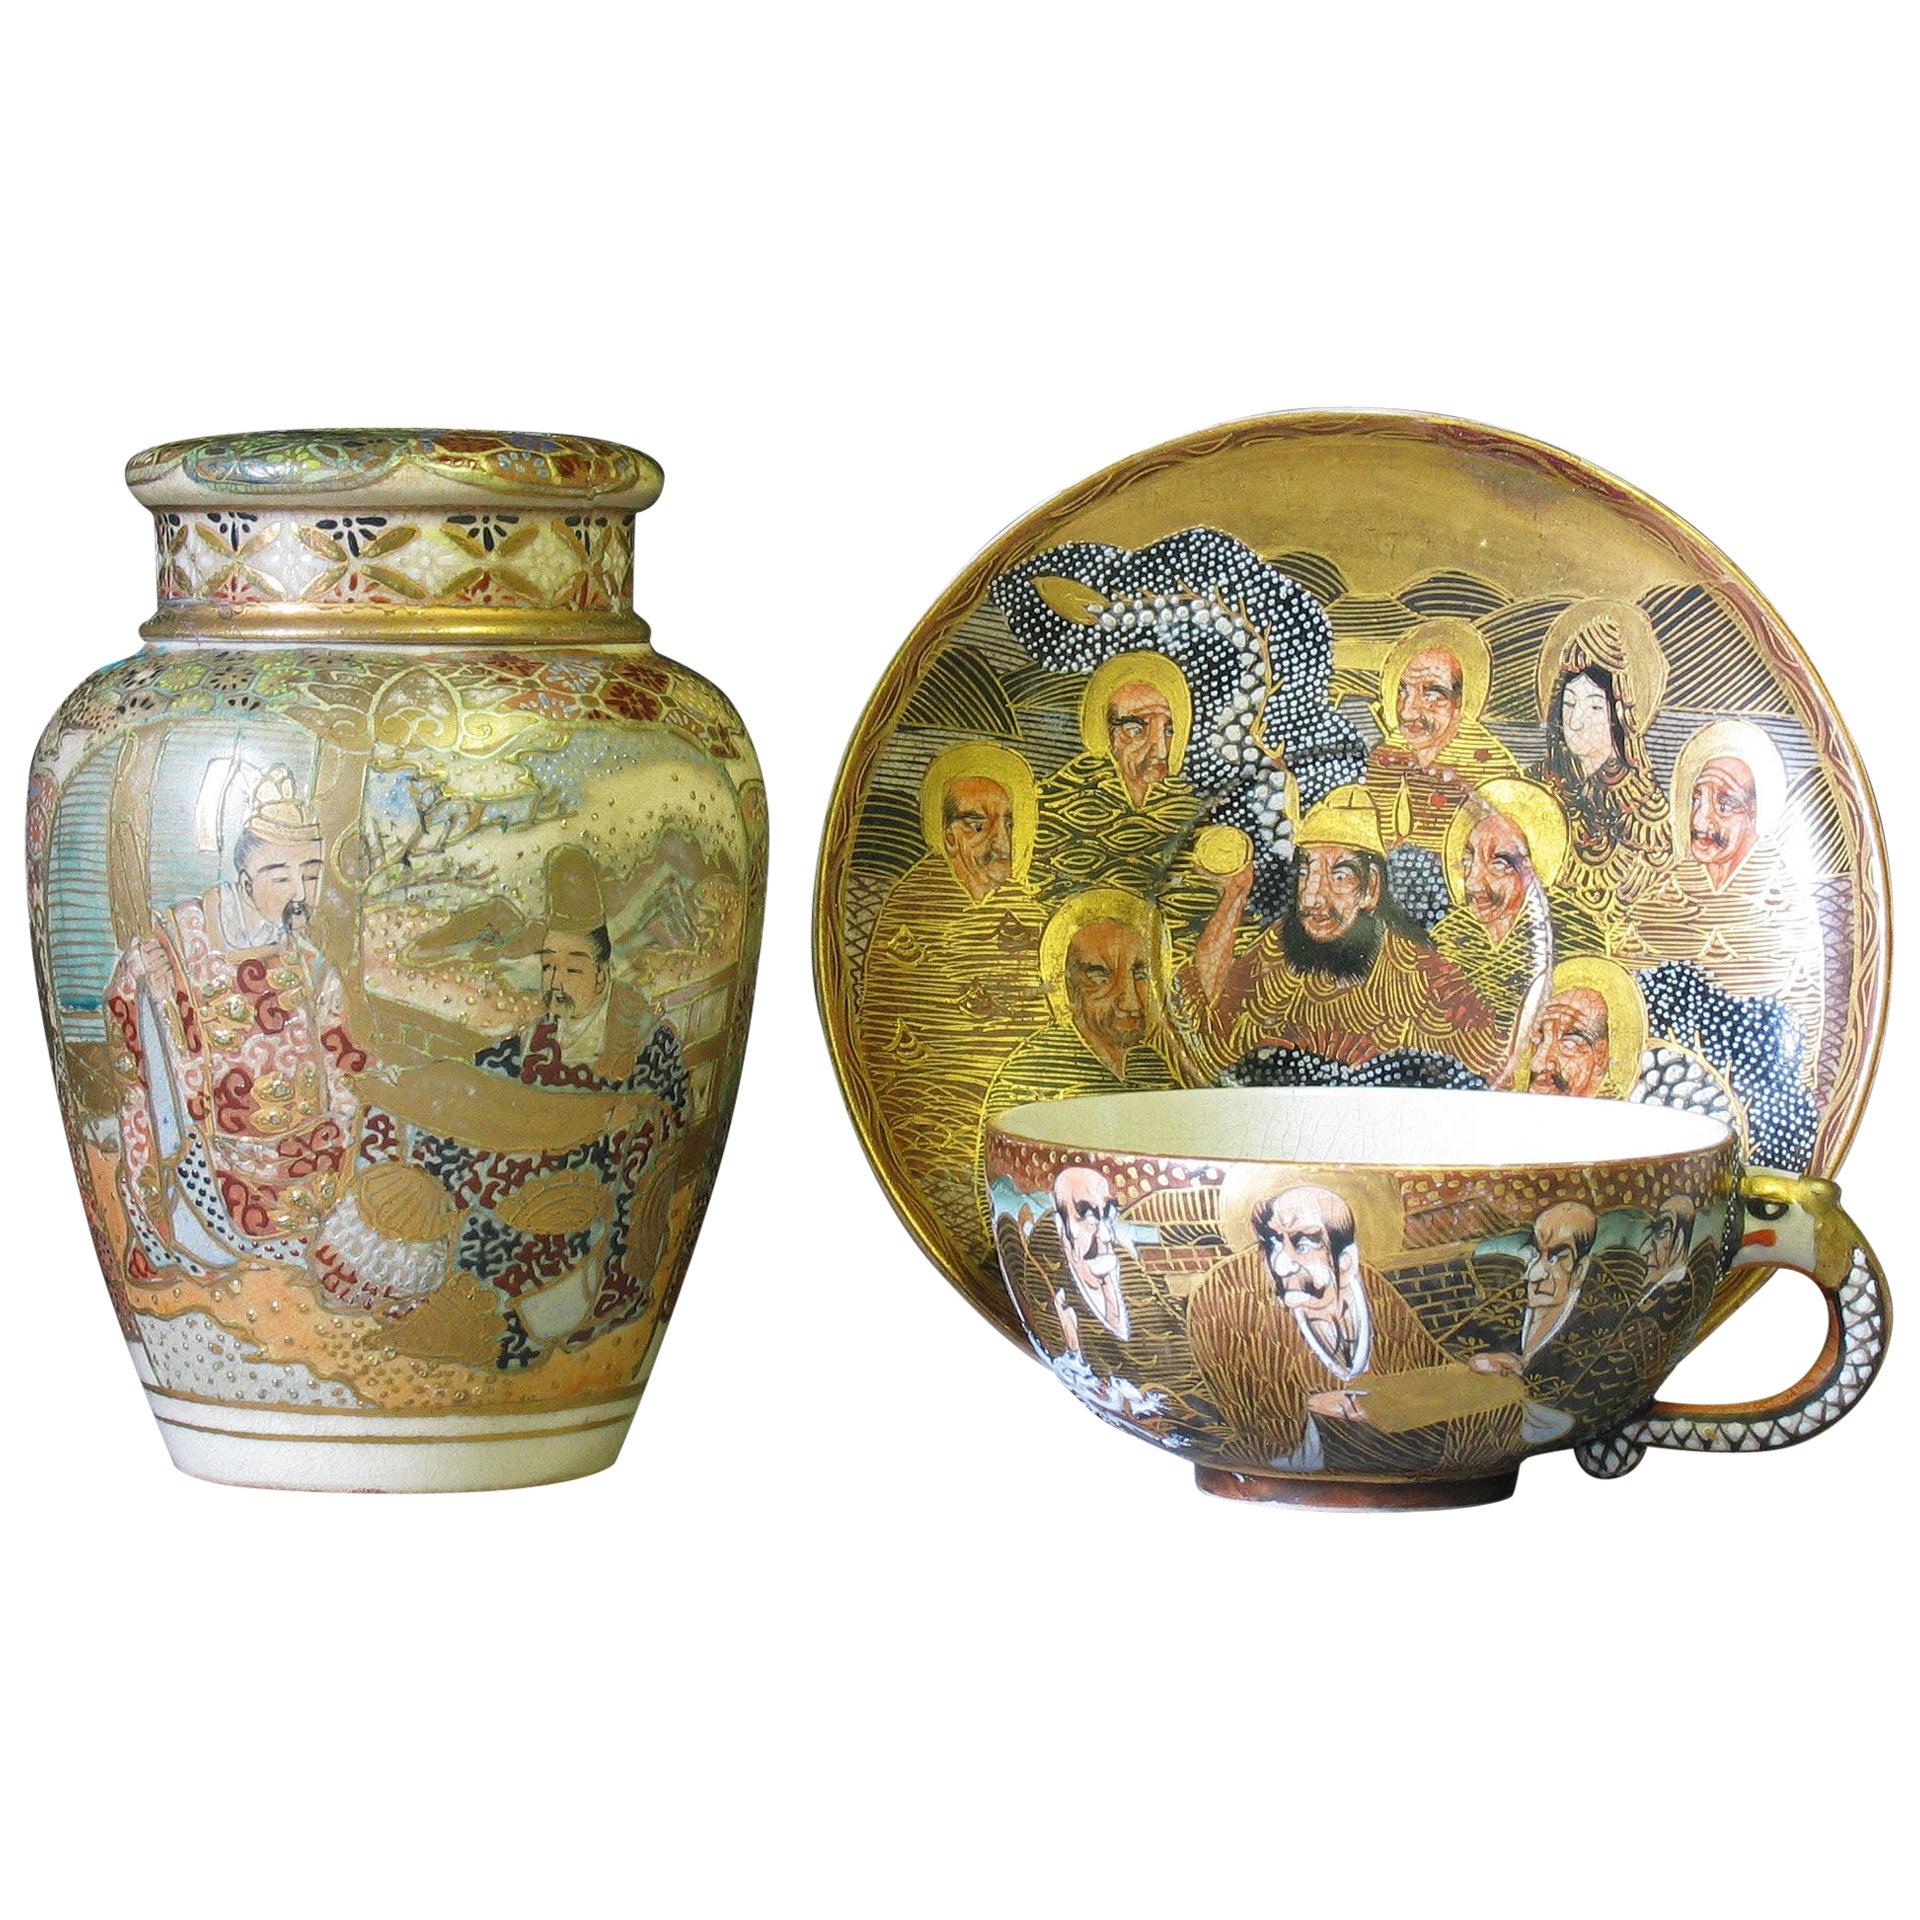 Satsuma Tea Caddy and Cover Meiji Era, Late 19th Century